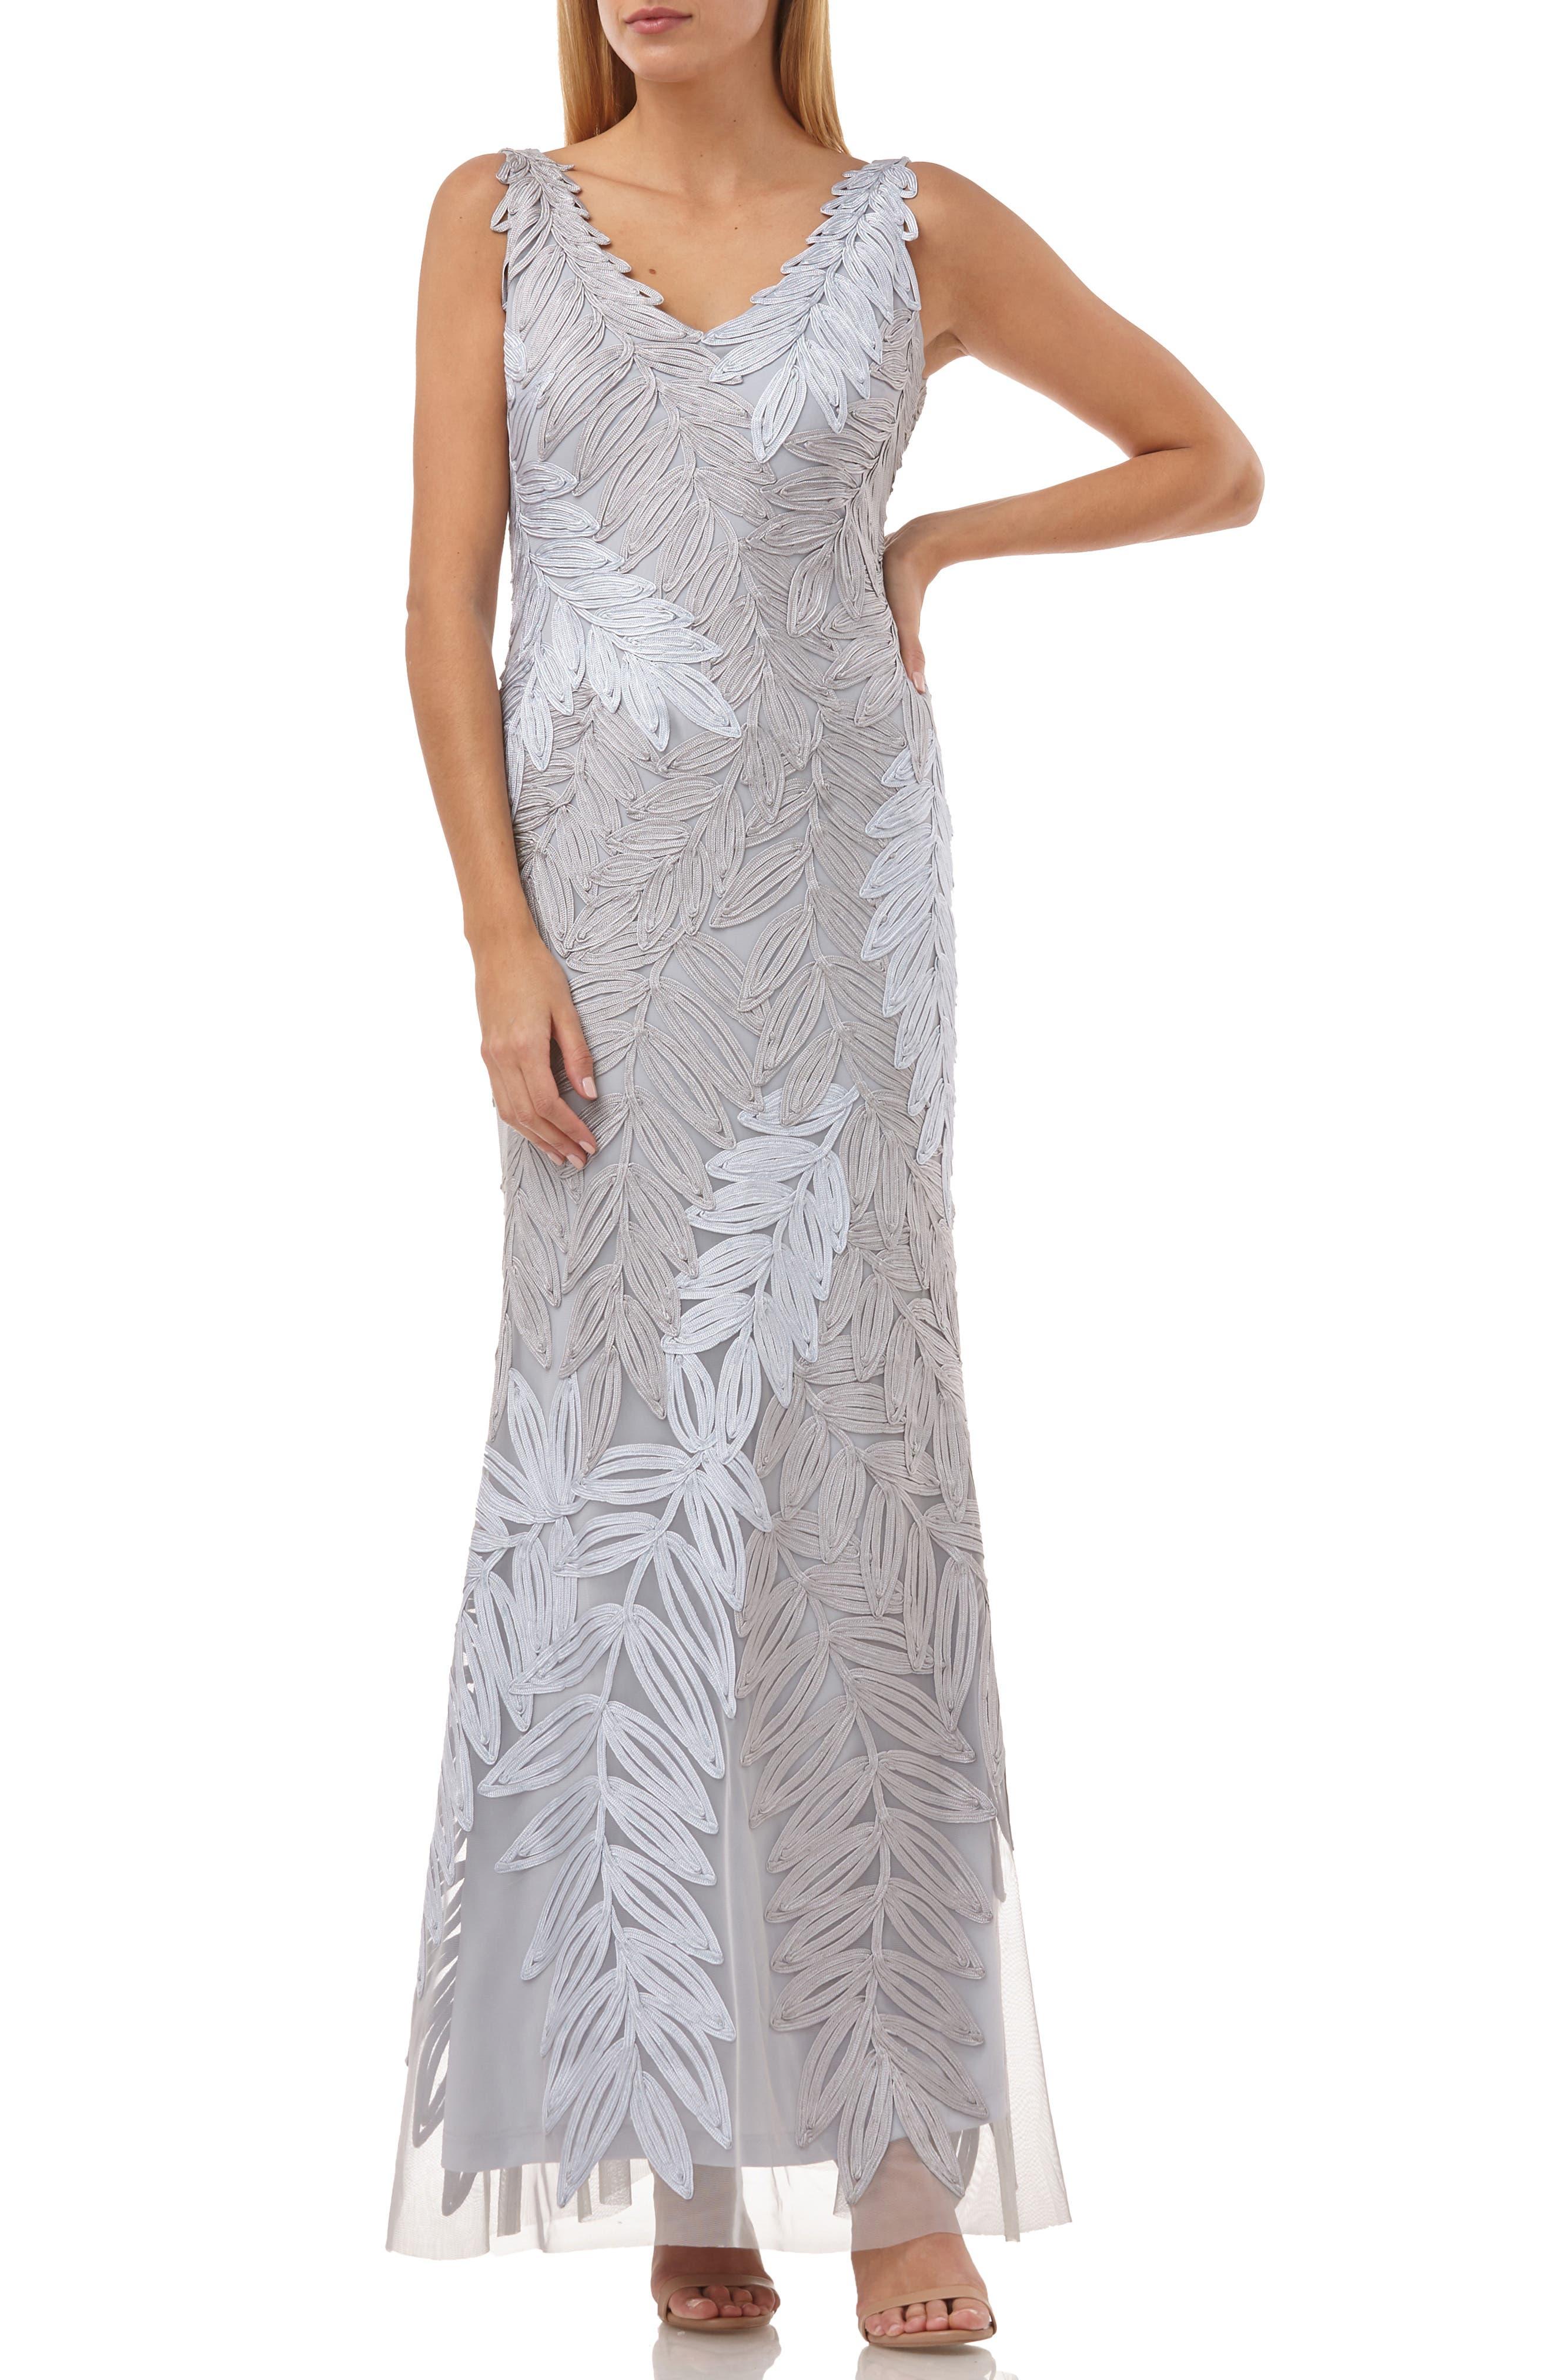 70s Dresses – Disco Dress, Hippie Dress, Wrap Dress Womens Js Collections Leaf Soutache Trumpet Gown Size 16 - Grey $214.80 AT vintagedancer.com